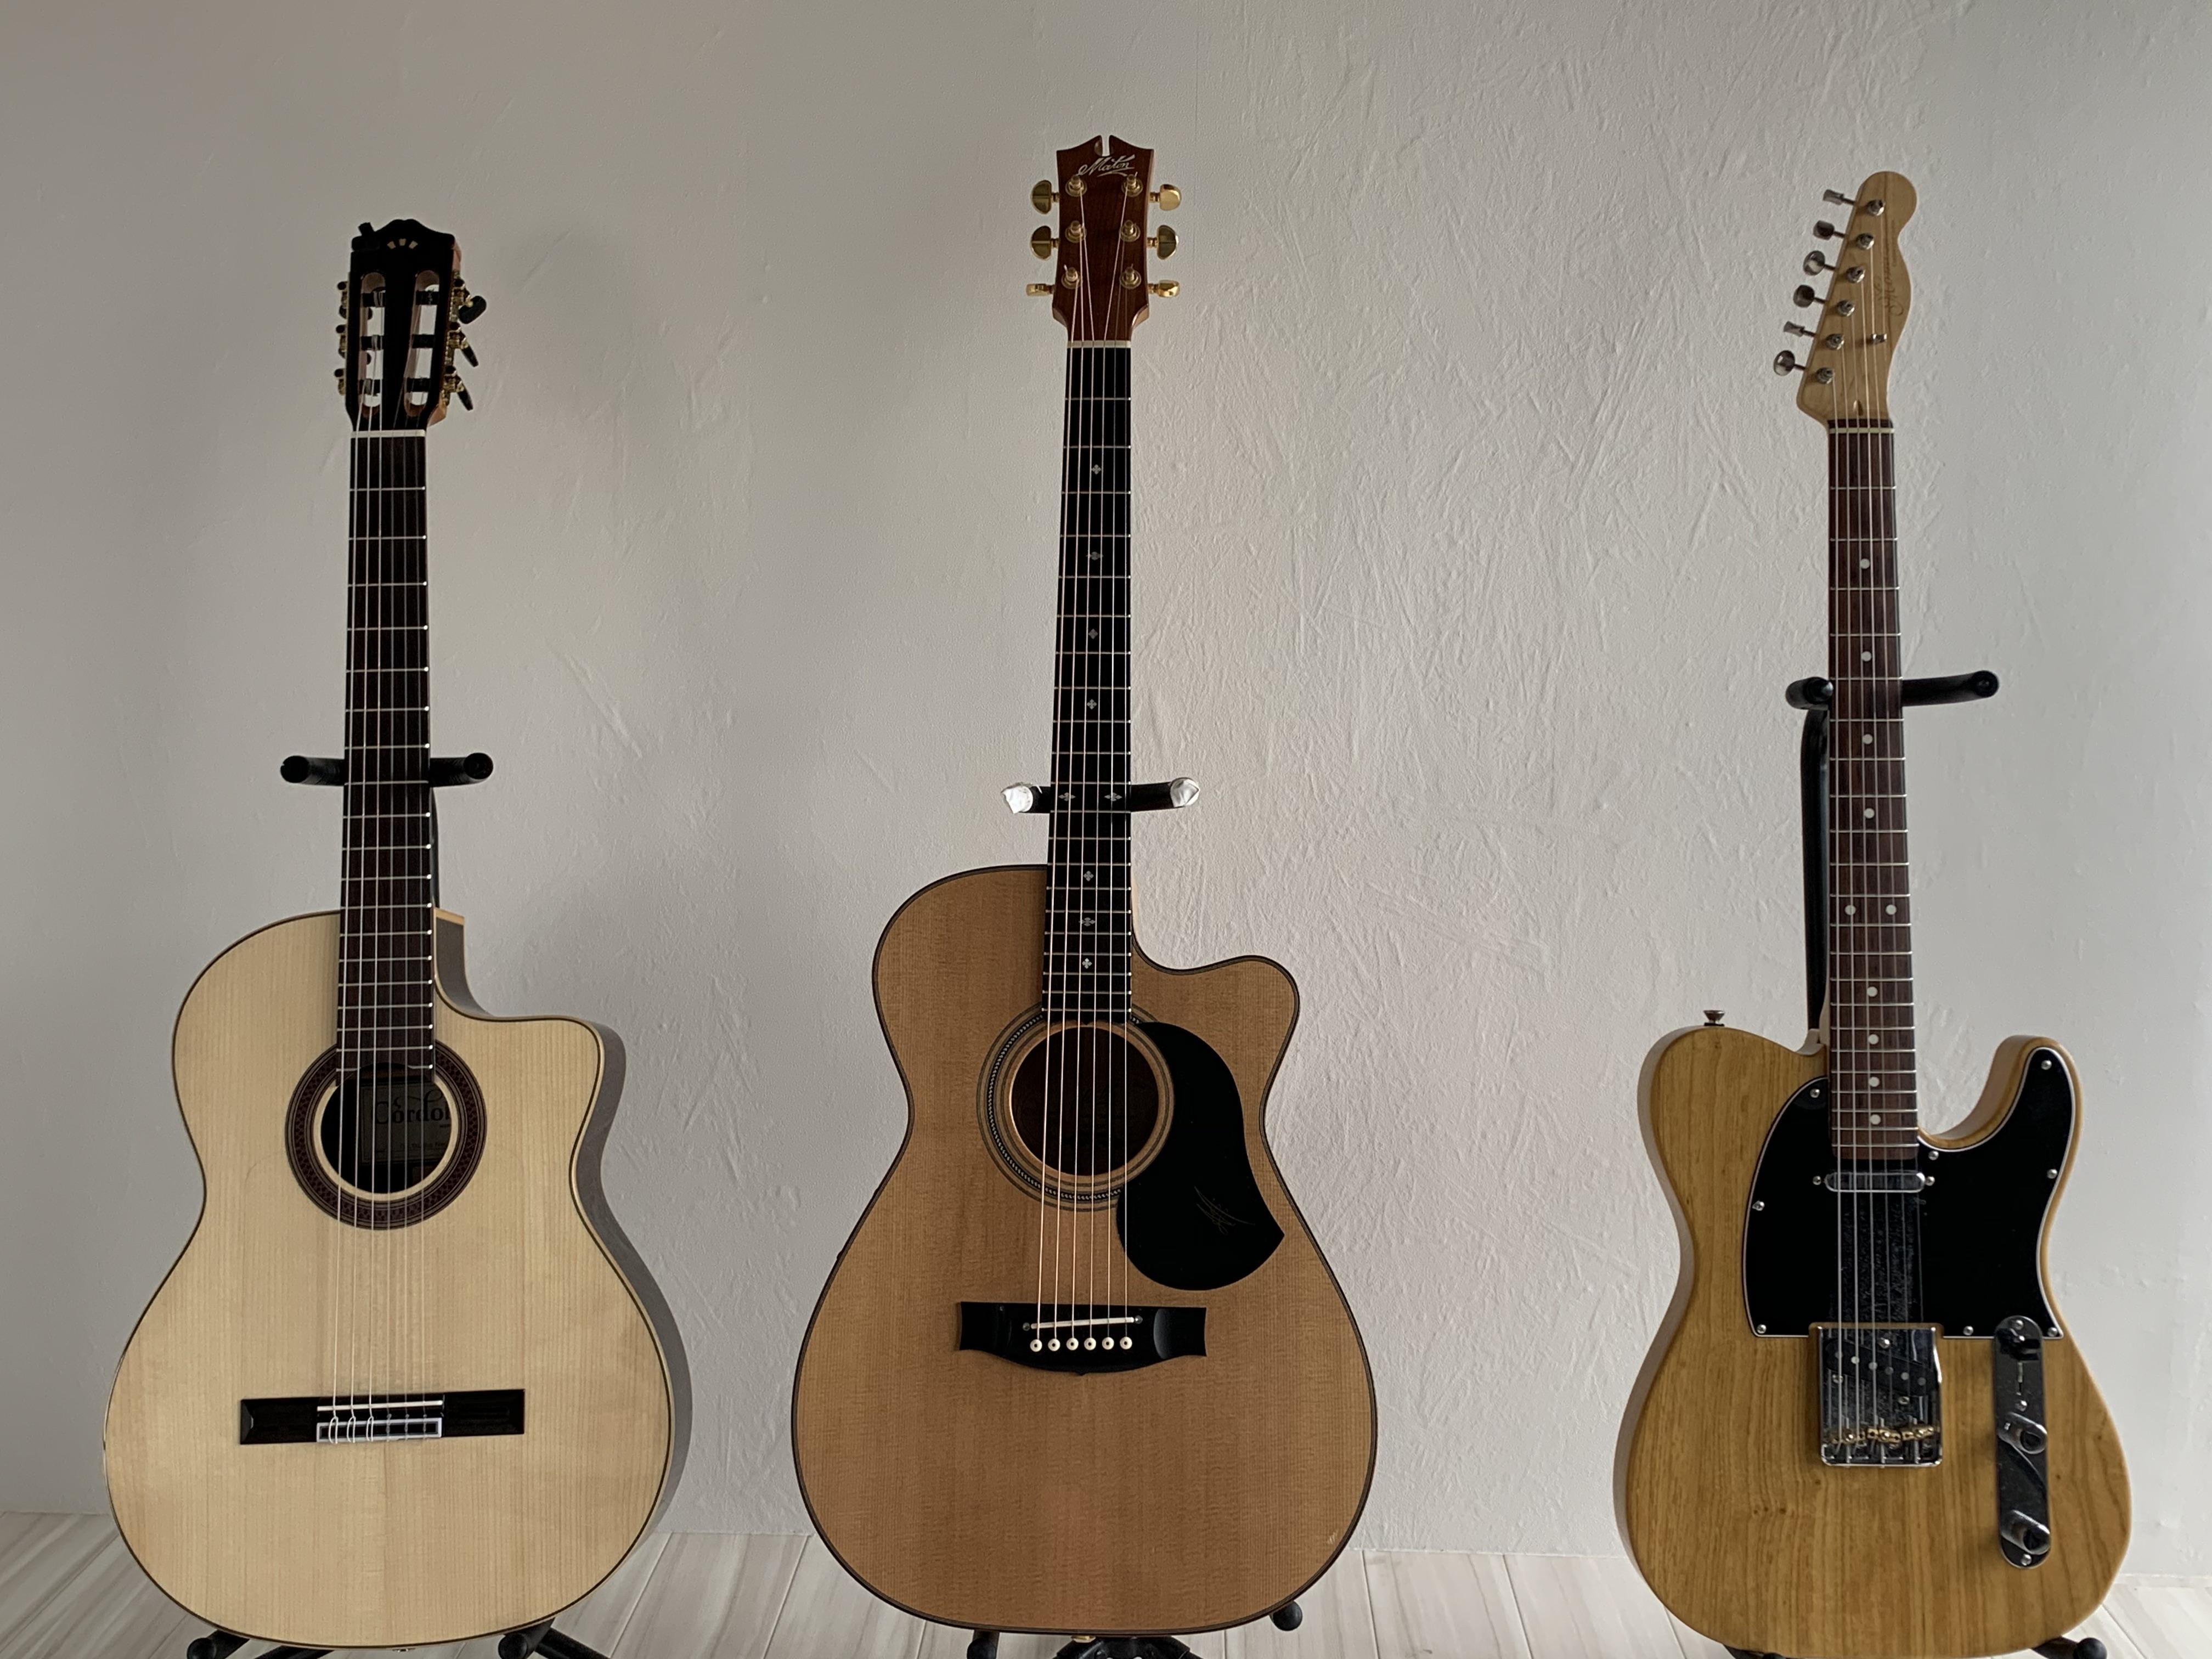 これからギターを始める未経験者はどんな練習をすれば良いか 超・初心者レッスン①